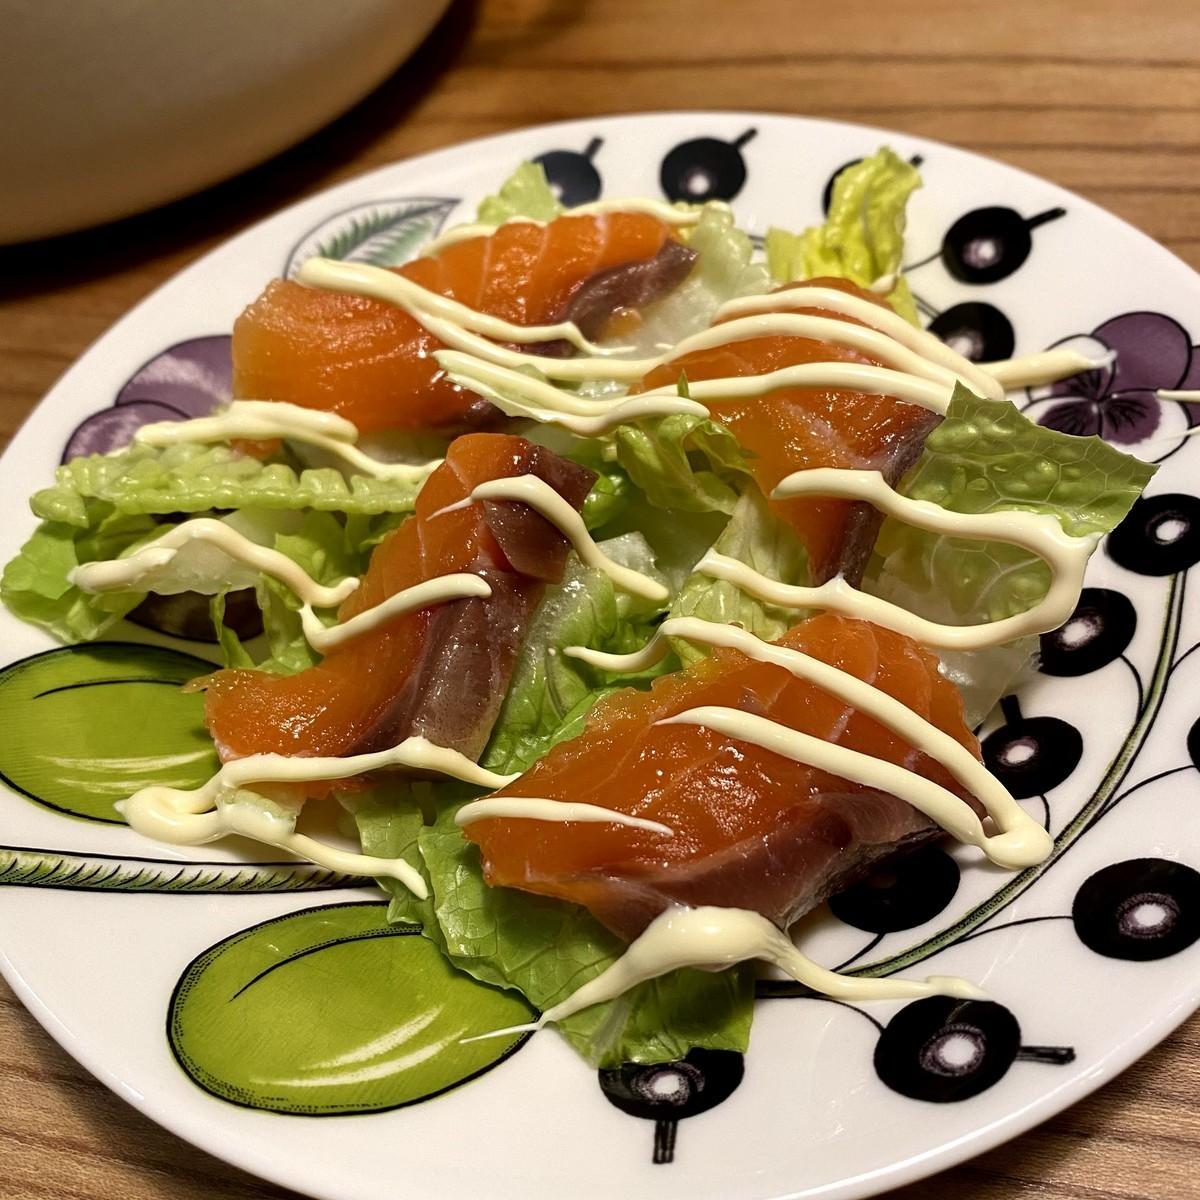 ふるさと納税 エンペラーサーモン 食べ方 サラダ